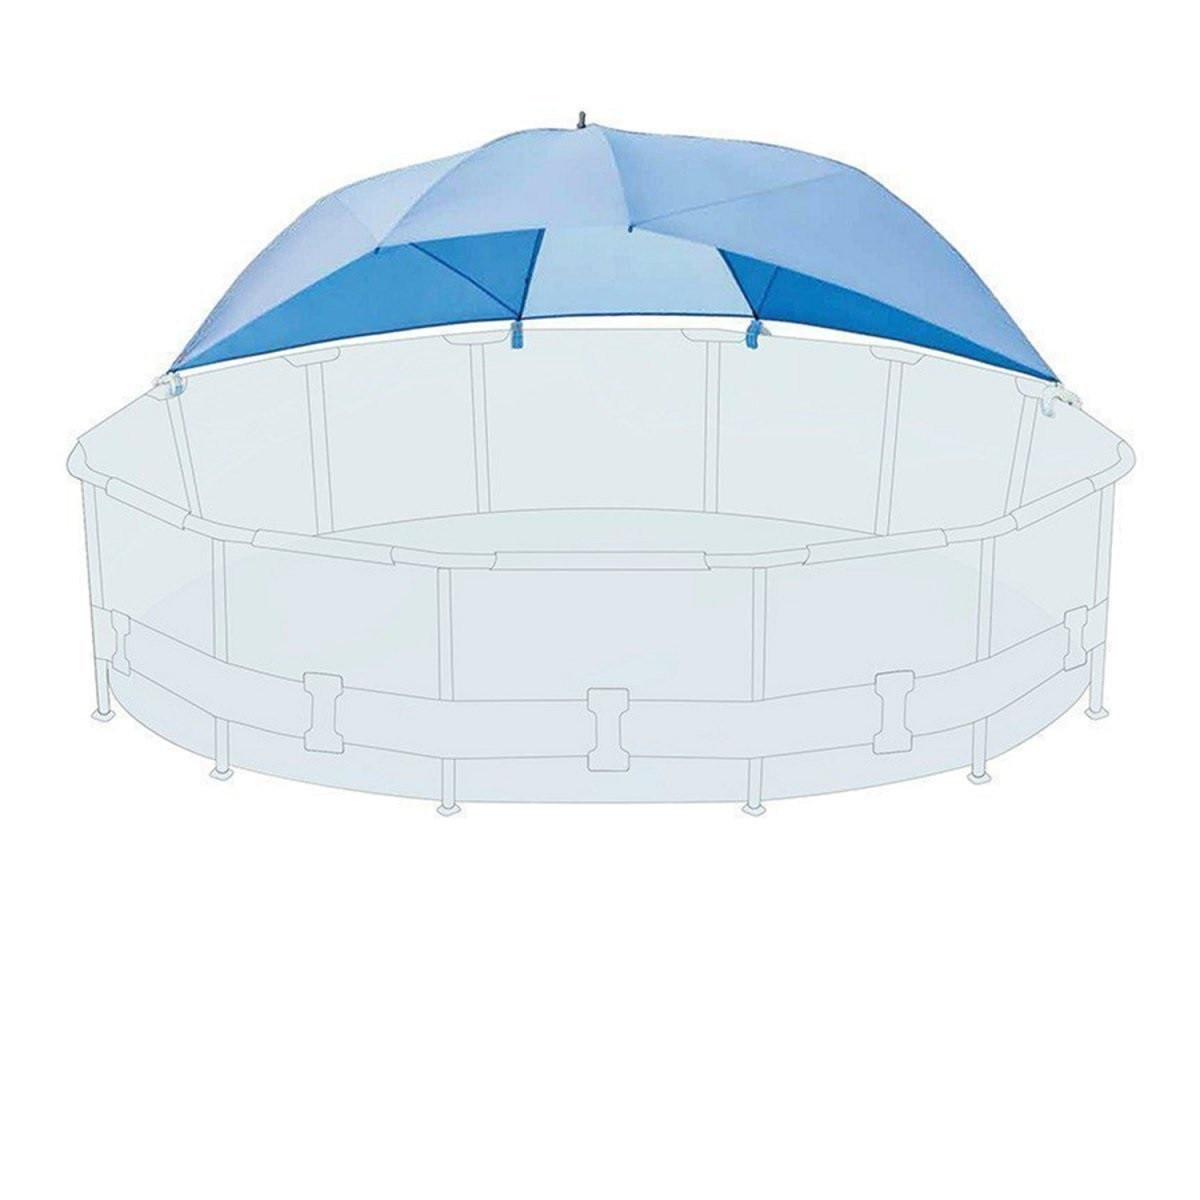 Тент-зонтик Intex, навес к бассейнам от 366 см до 549 см  (28050)